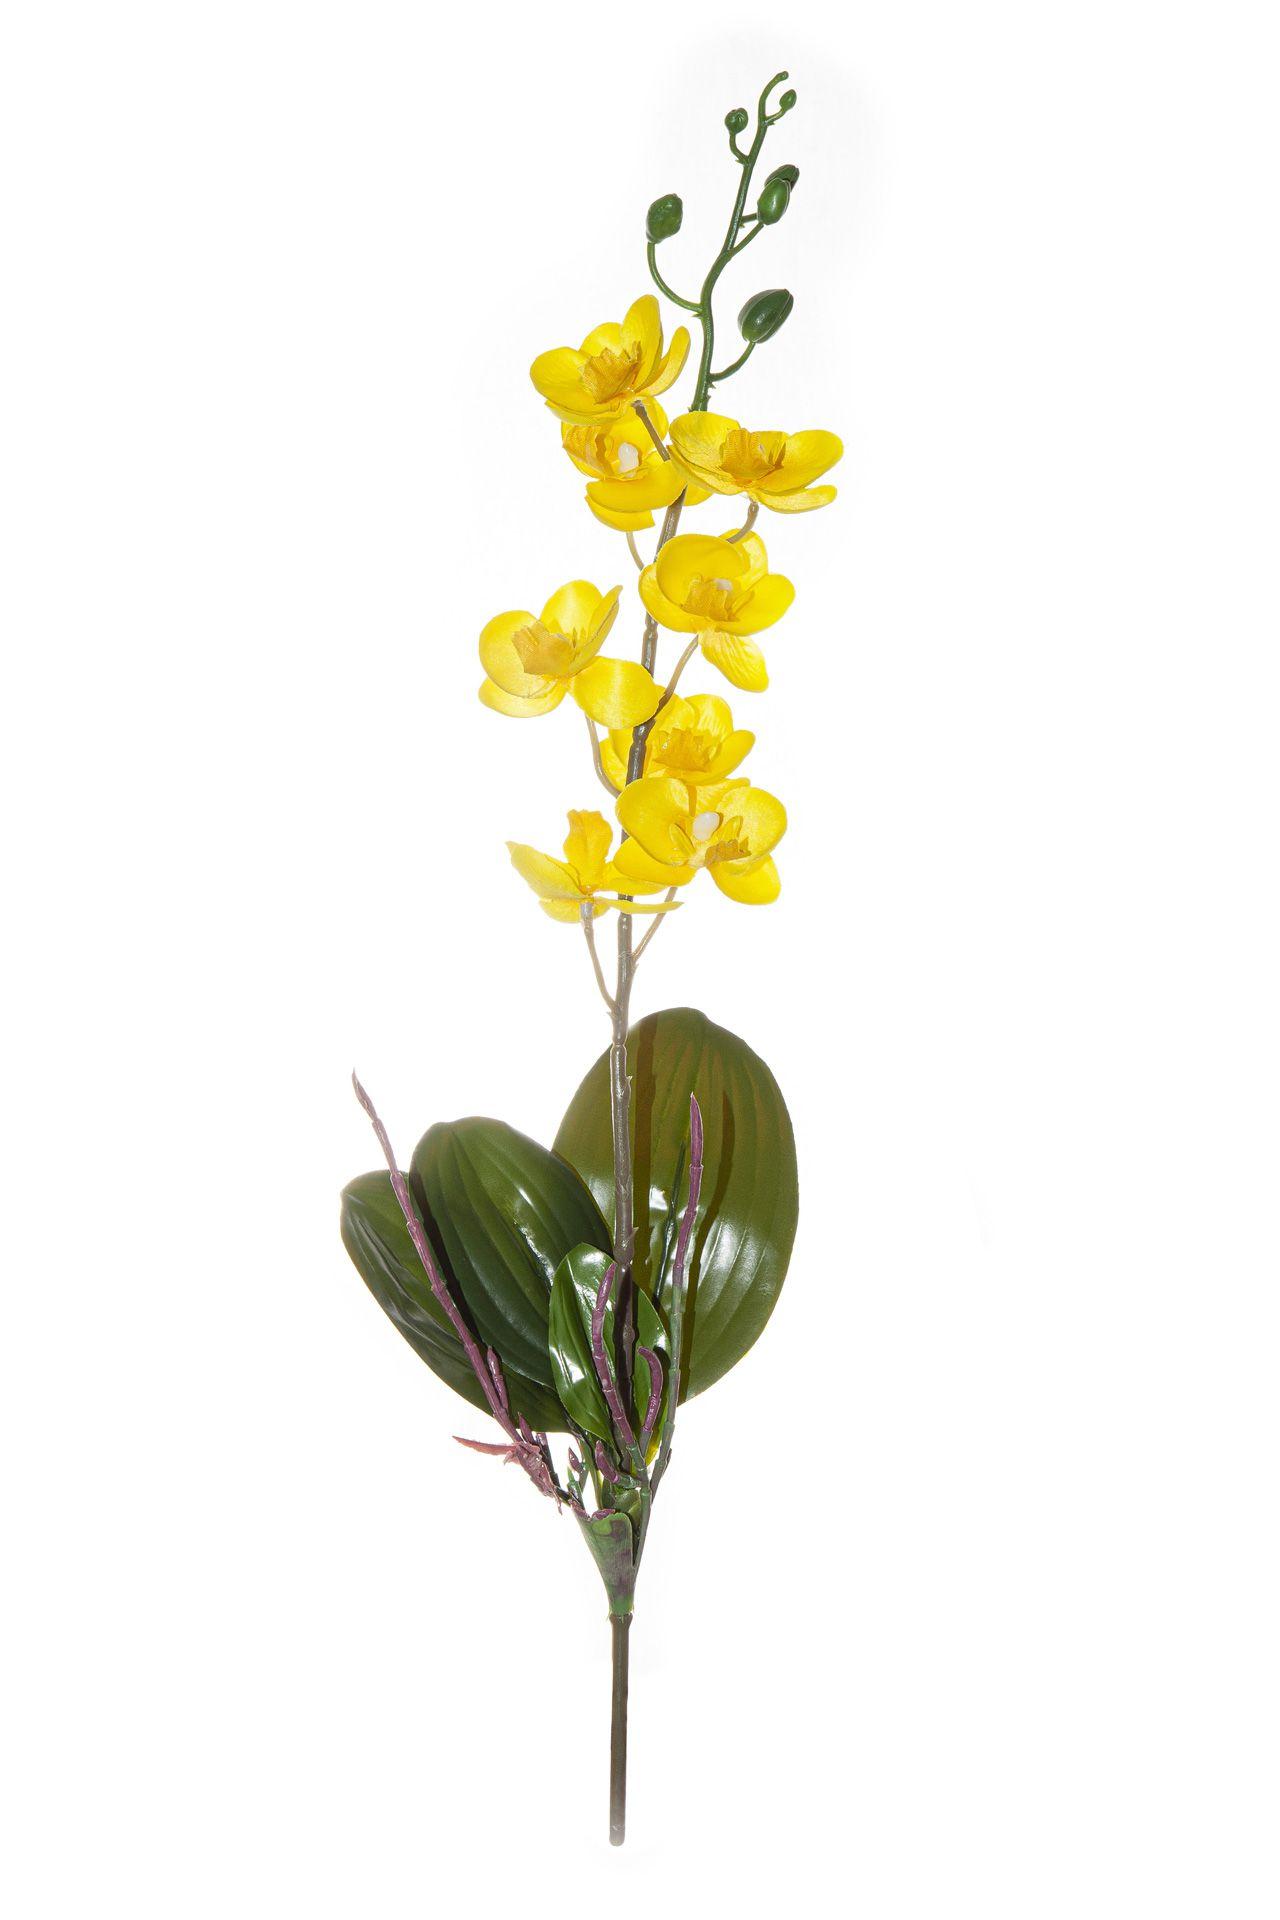 Flor De Orquídea C/Folha - X8 - 50Cm Altura